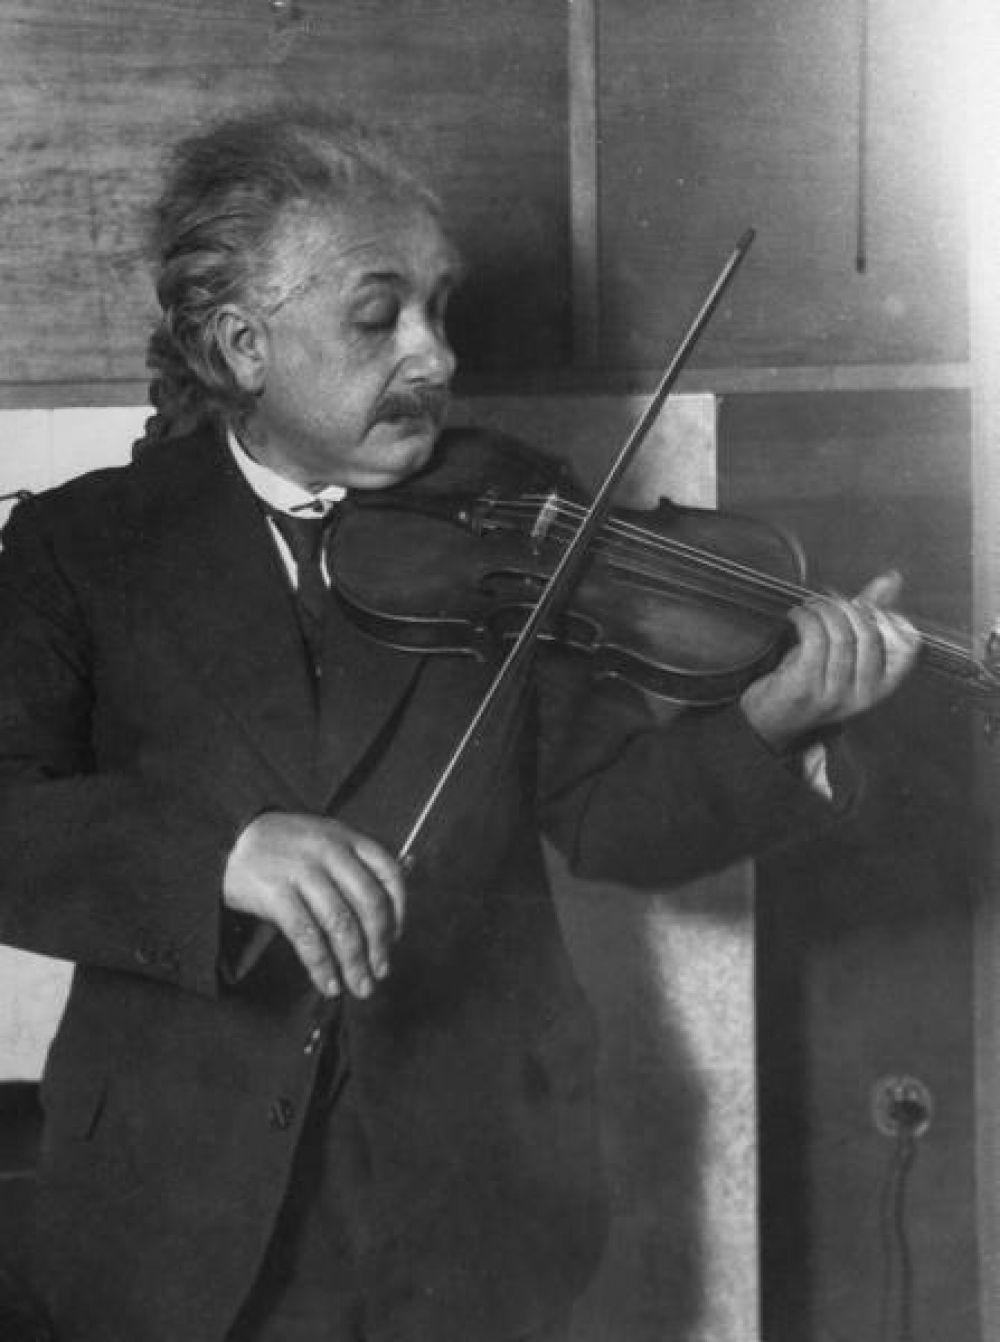 После войны Эйнштейн занимался проблемами космологии и единой теорией поля. Вместе с этим учёный всё чаще играл на скрипке – он никогда не расставался с этим музыкальным инструментом. В литературе Эйнштейн отдавал предпочтение Льву Толстому, Фёдору Достоевскому и Бертольту Брехту. Вместе с этим он увлекался филателией и садоводством.